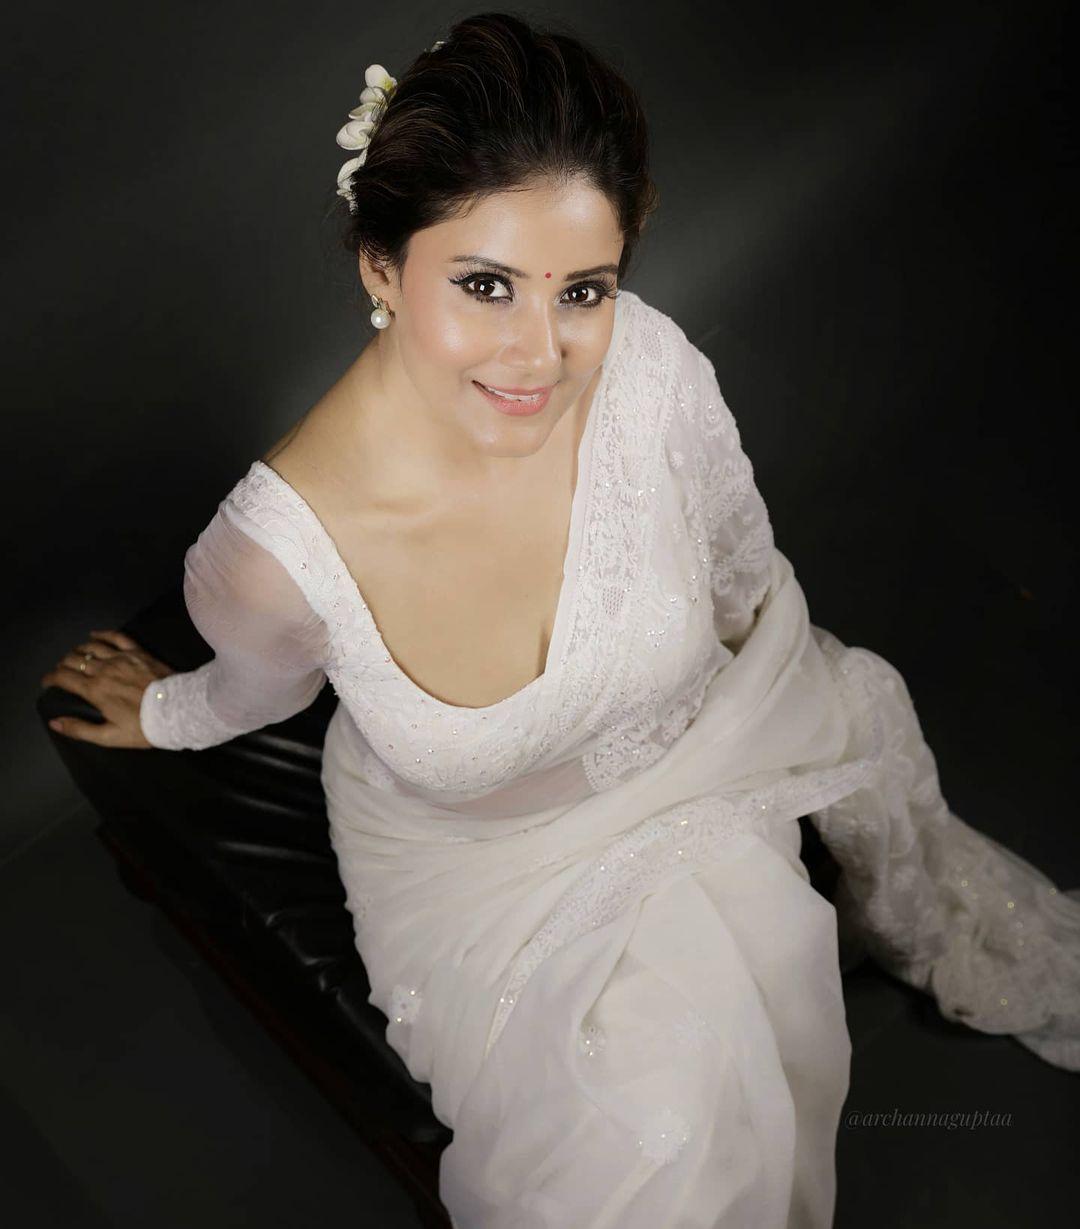 Actress Archana Gupta Photos (9)